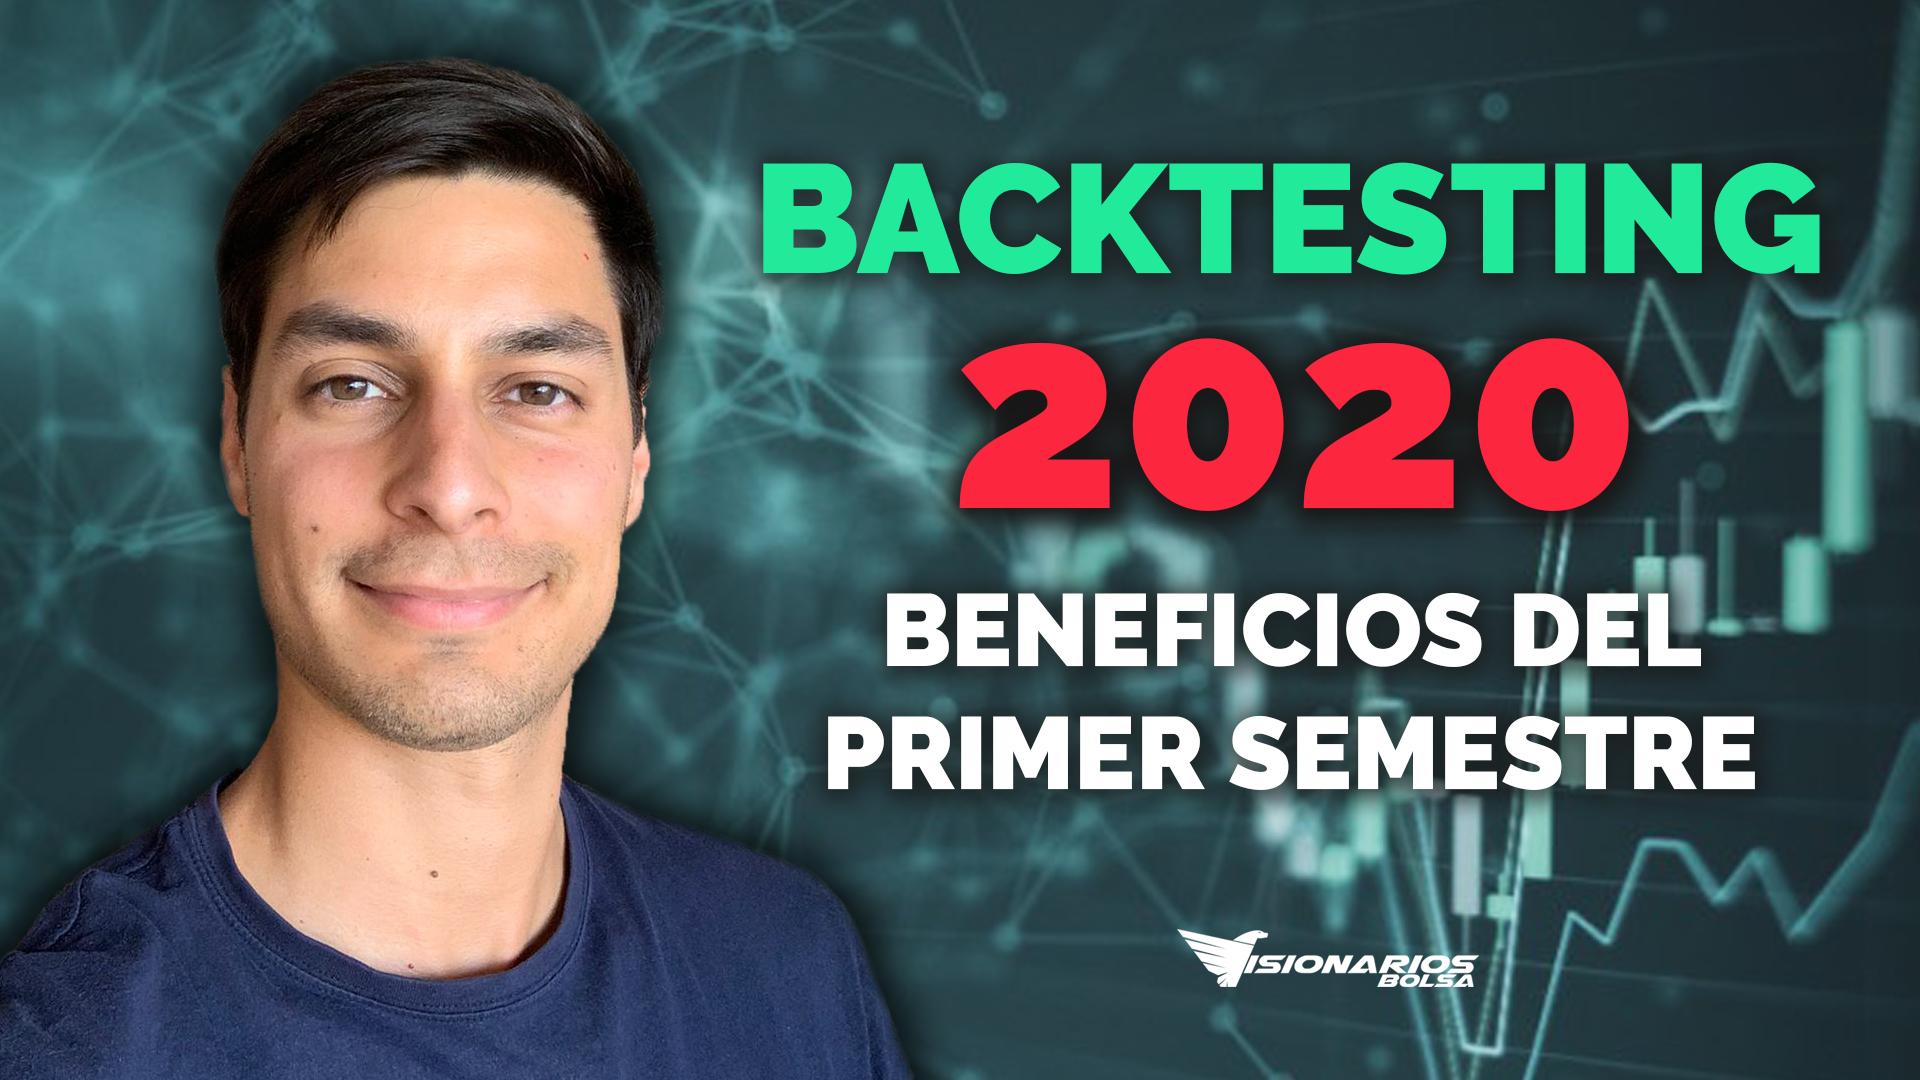 Backtesting Primer Semestre De 2020